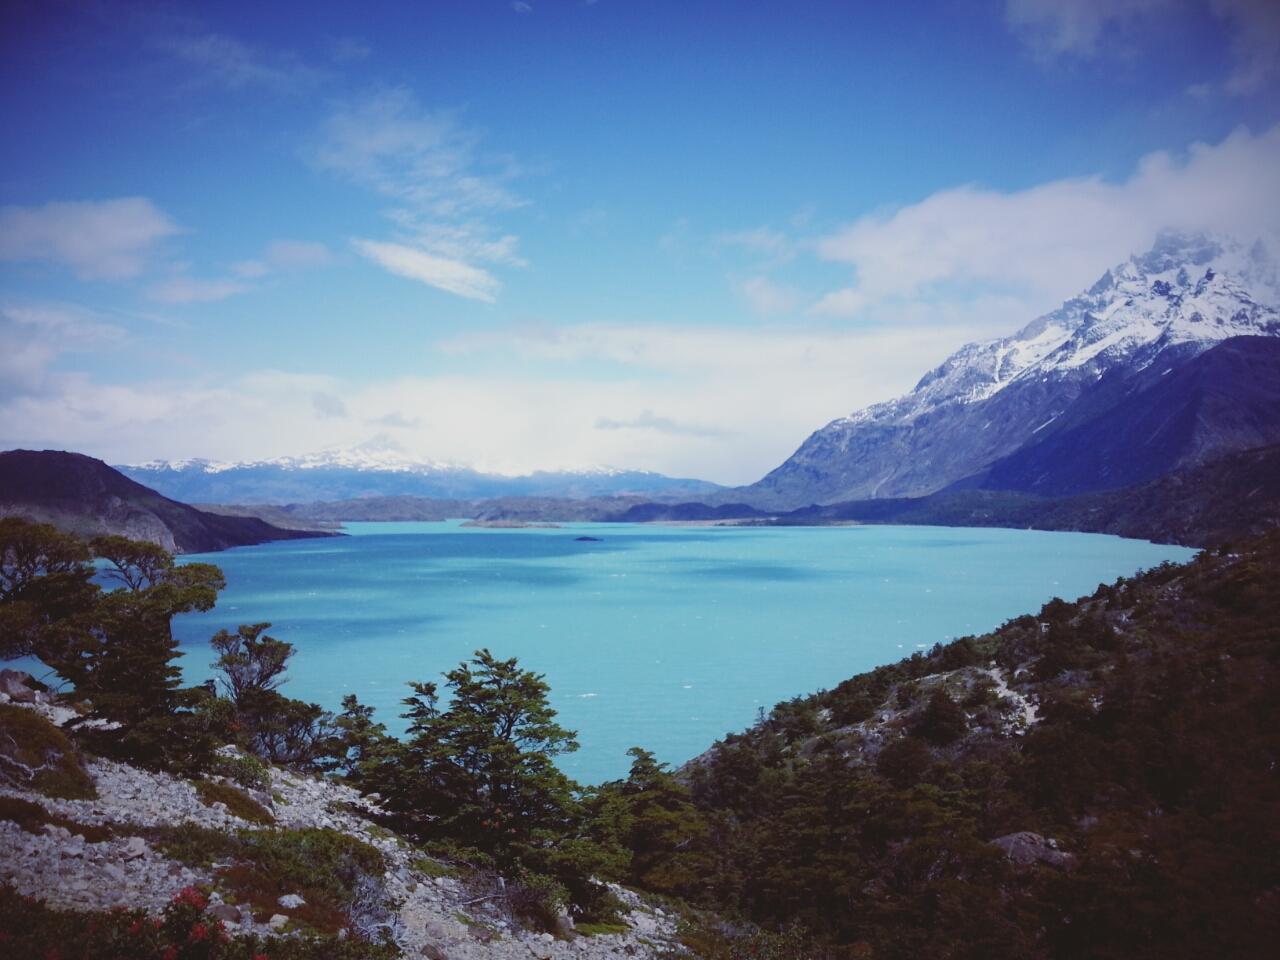 산책을 좋아하던 그대에게 - 칠레, 토레스 델파이...